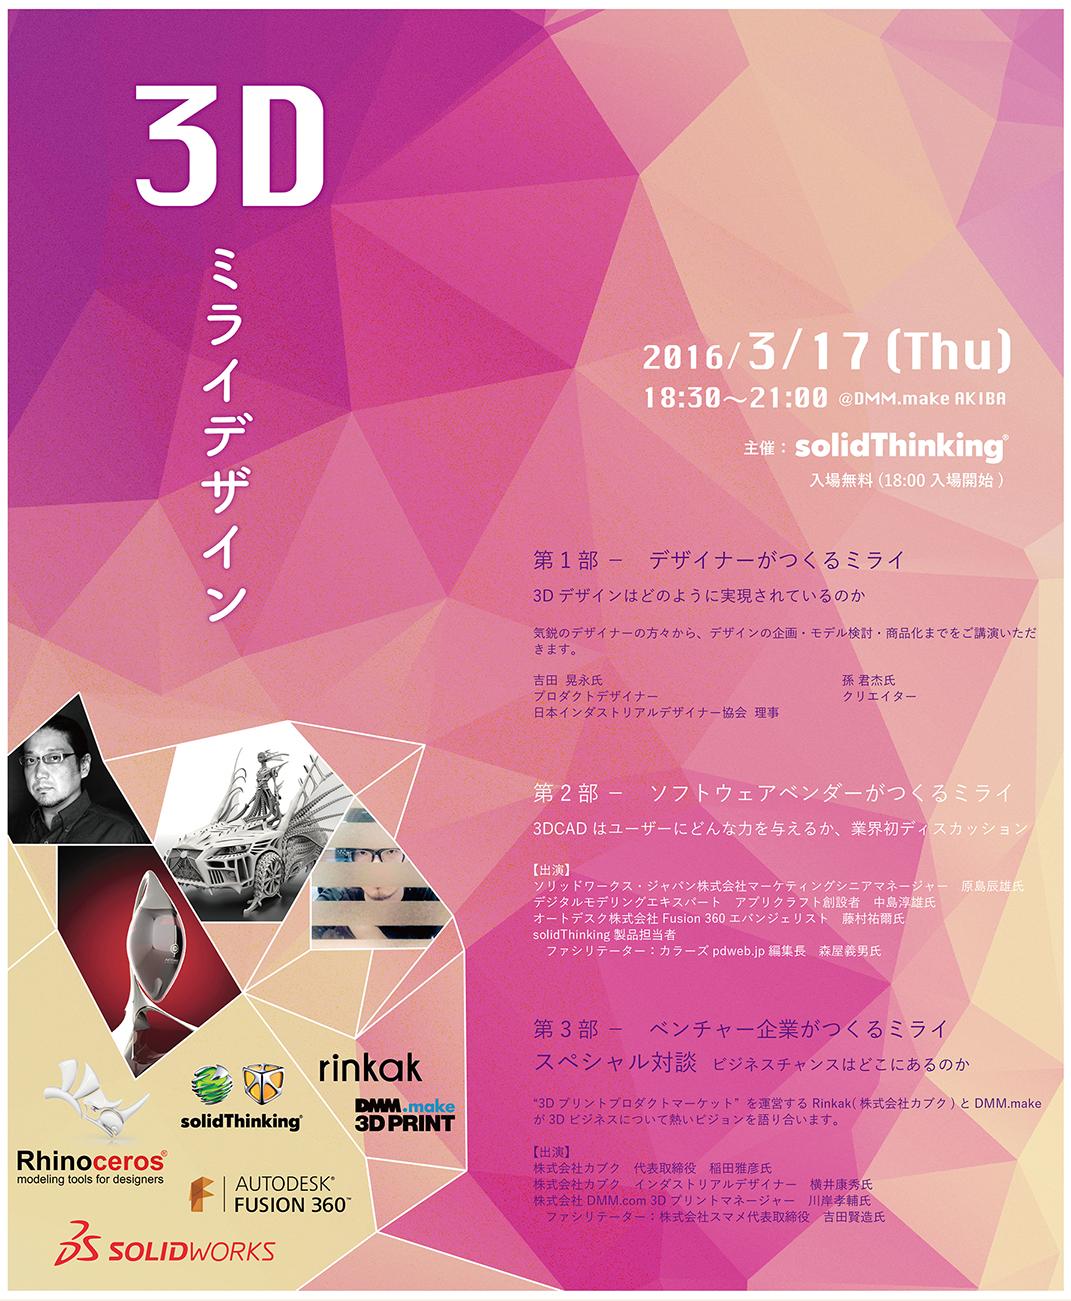 3Dミライデザイン-デザイナー向け無料イベント